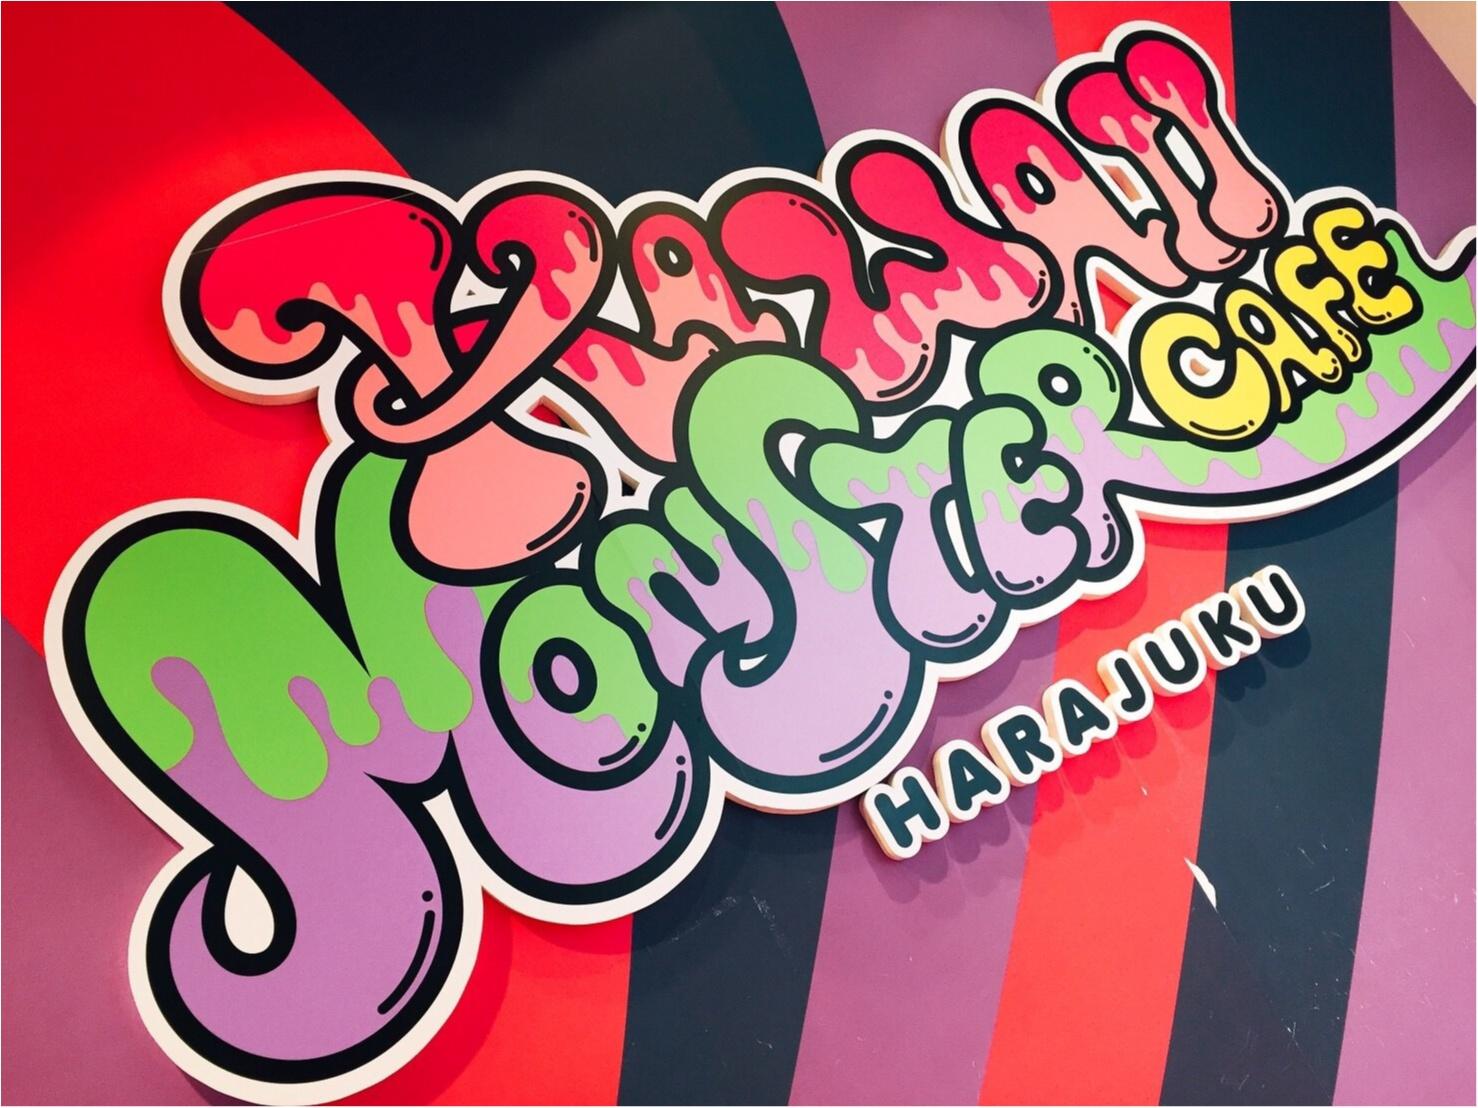 噂のカラフル可愛い原宿''kawaii monster café'' 写真ぢゃ伝えきれない夢の世界♡_1